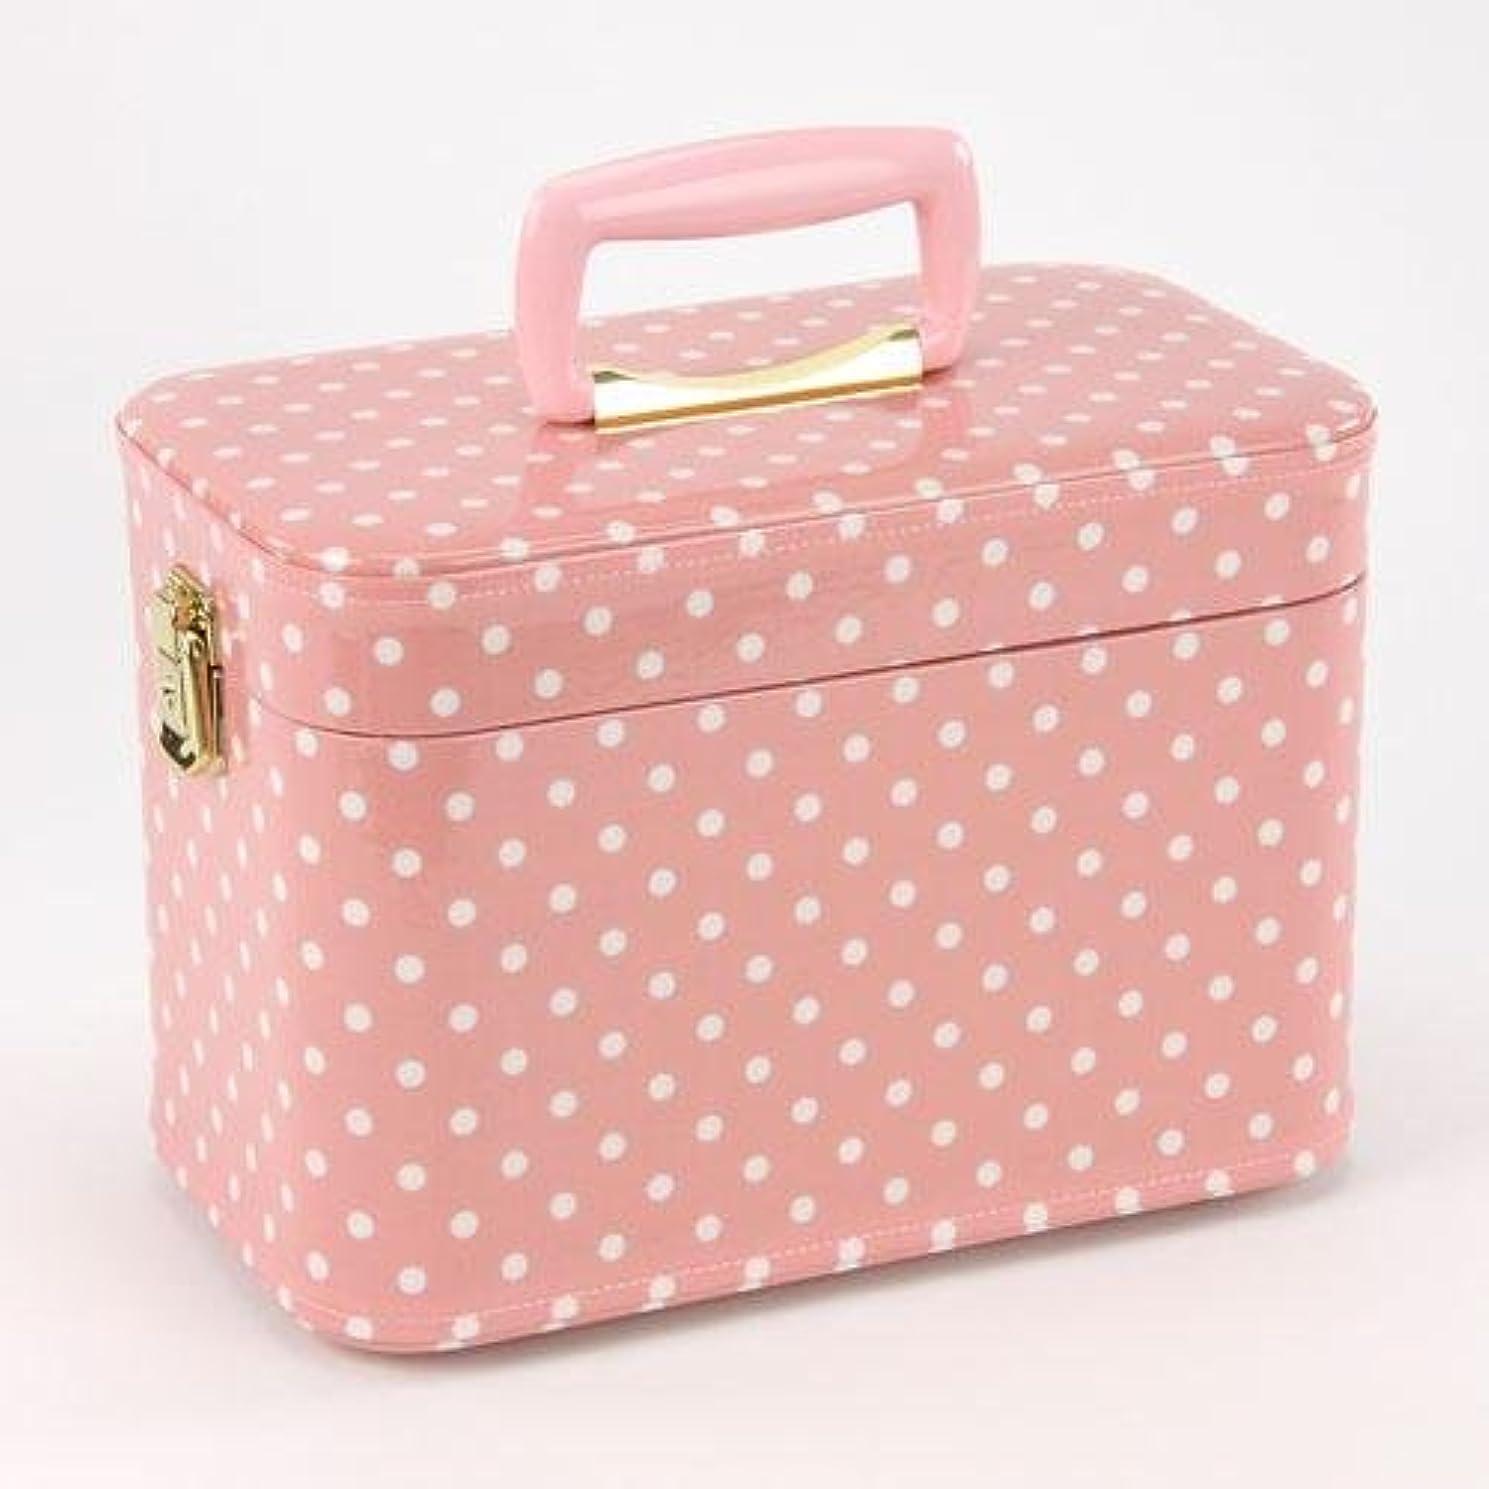 マーキーローブ寝具日本製 メイクボックス 水玉(ドット) ピンク 30cm(鍵付き/コスメボックス)